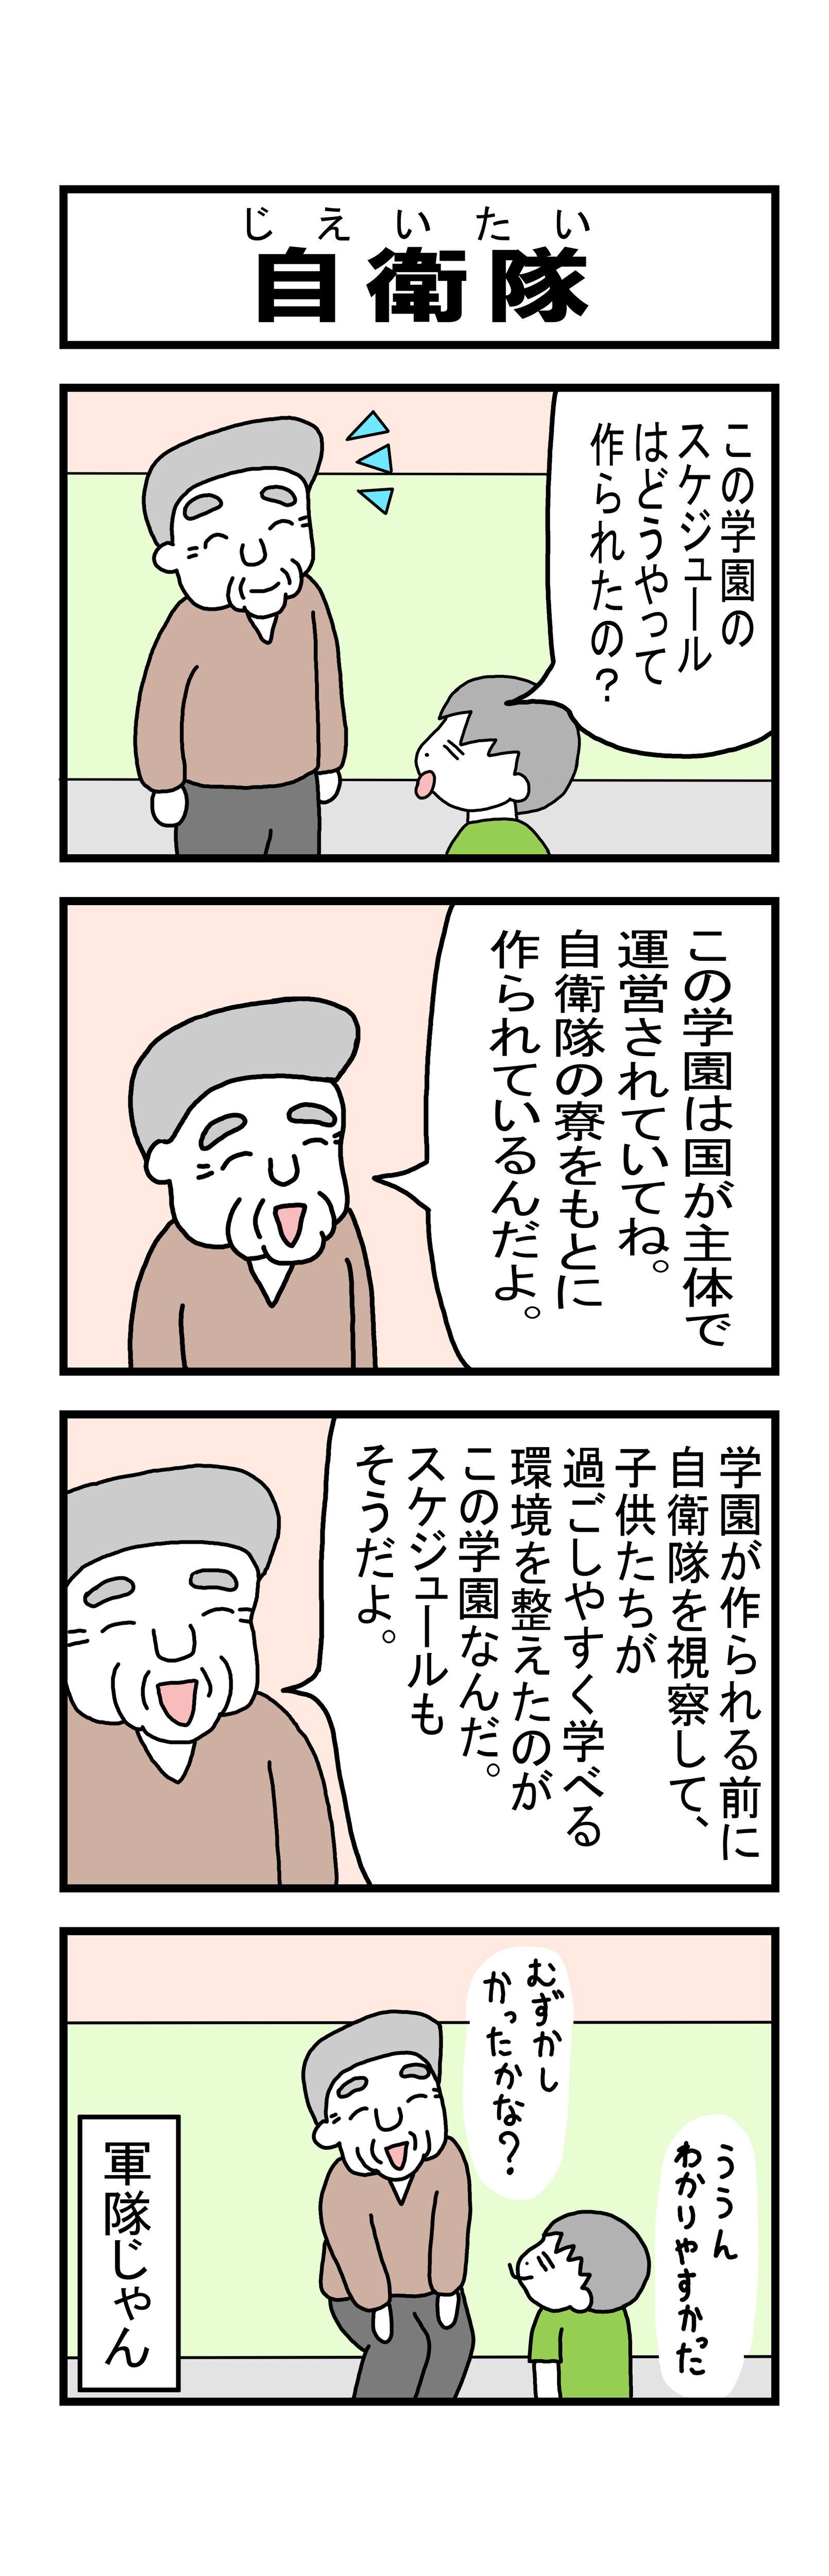 205話 【父は日本人 母は原住民族】